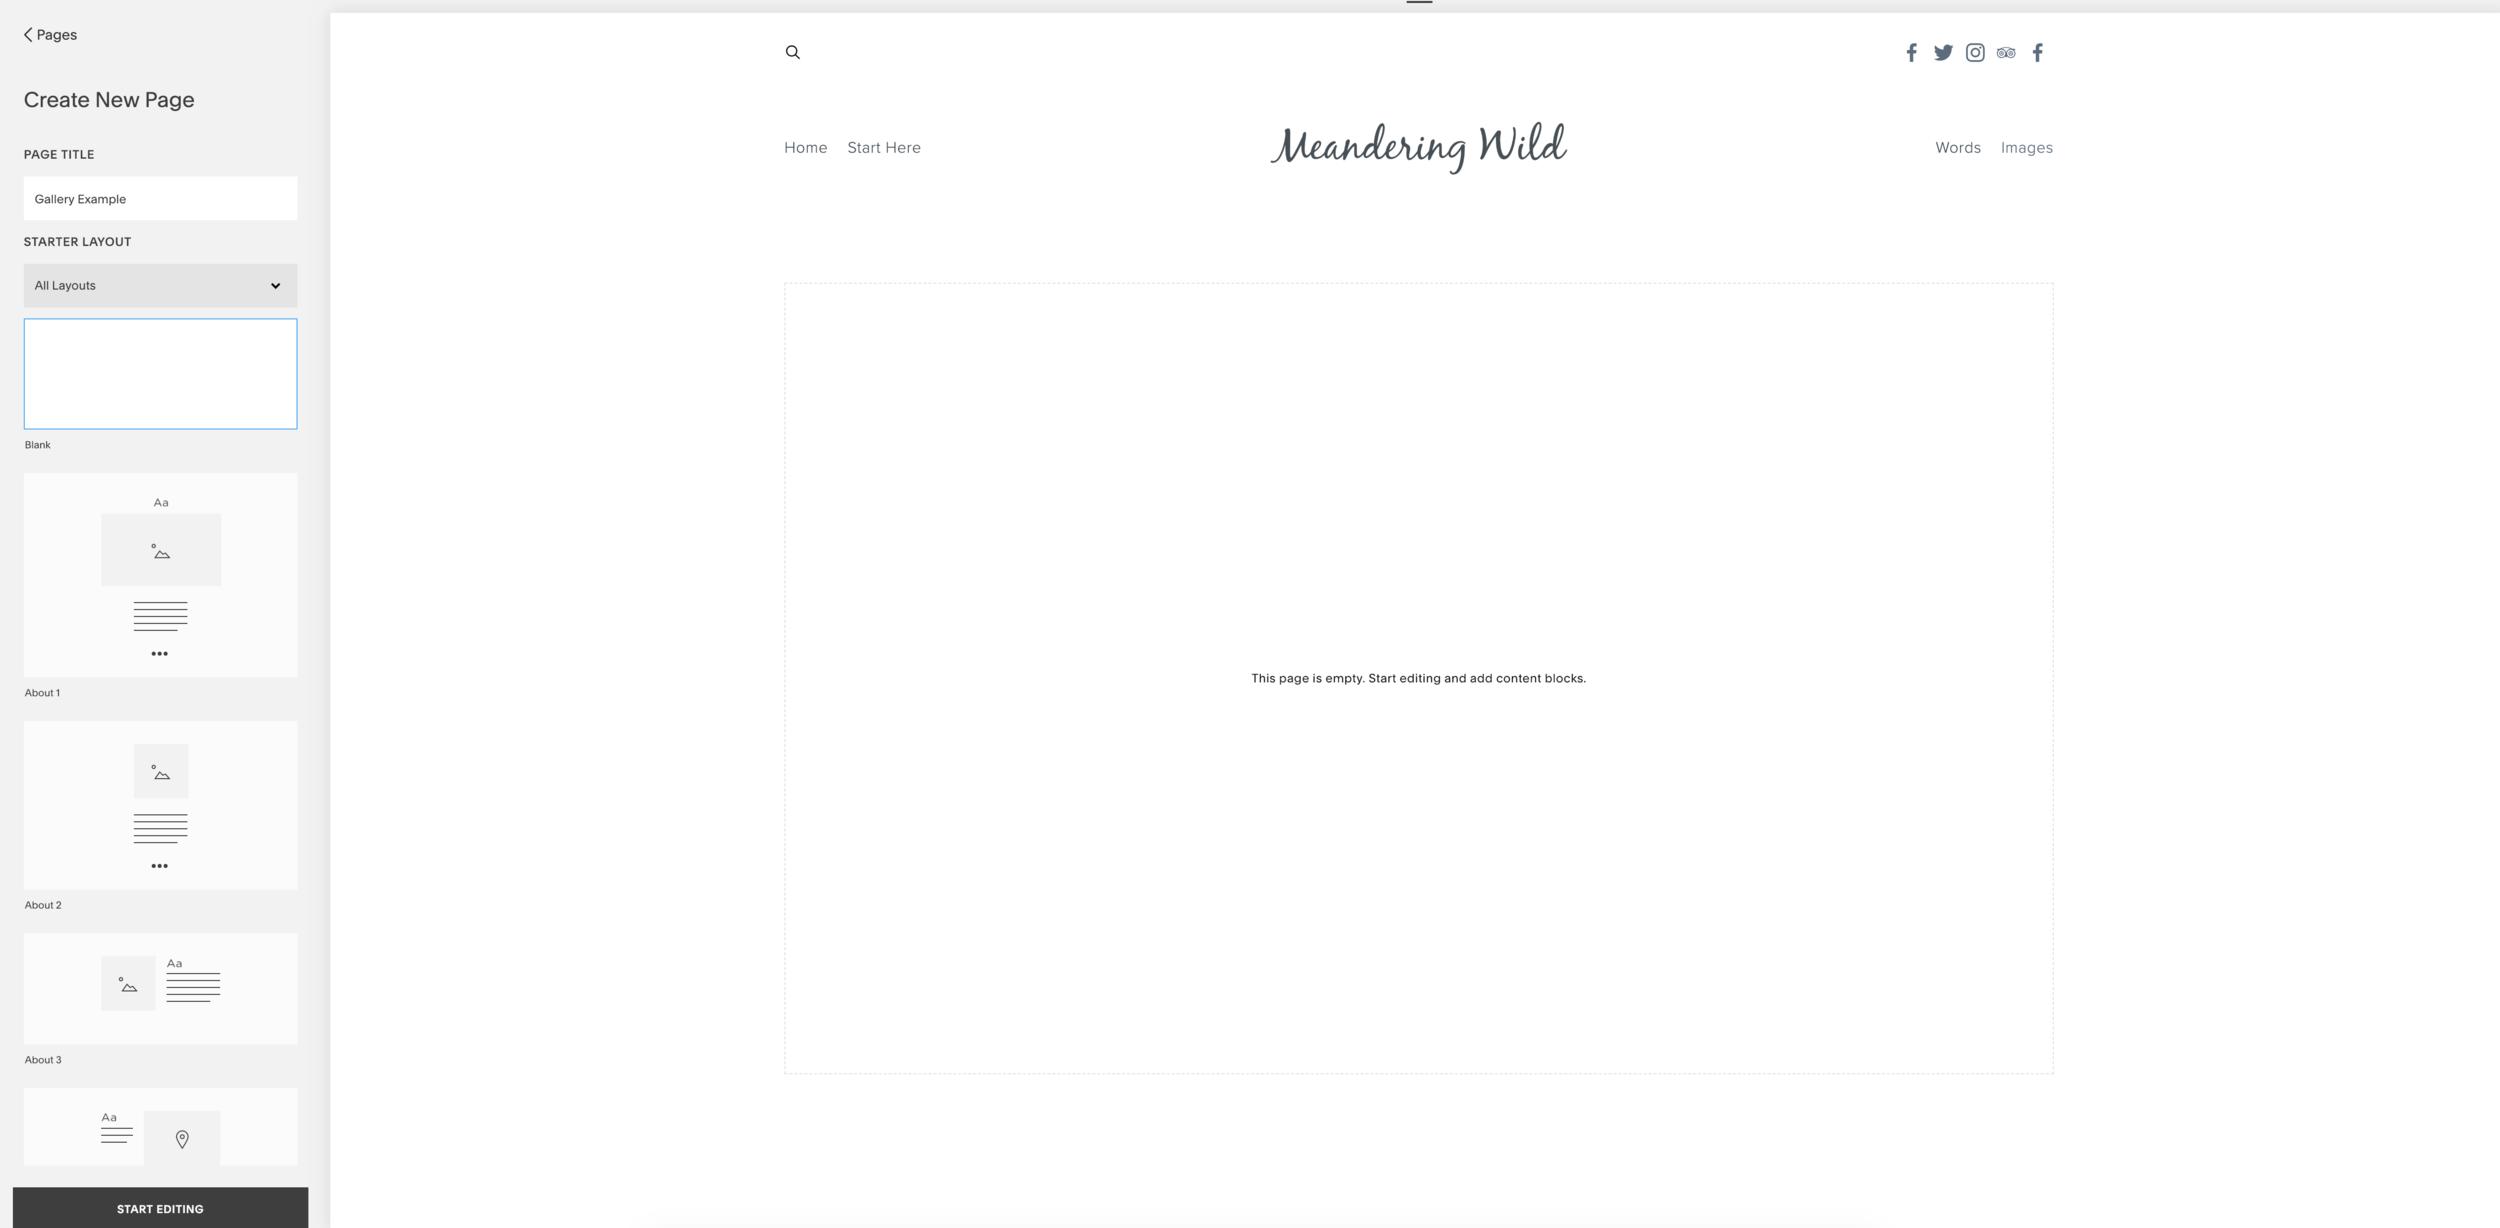 Screenshot 2019-02-03 at 08.15.21.png